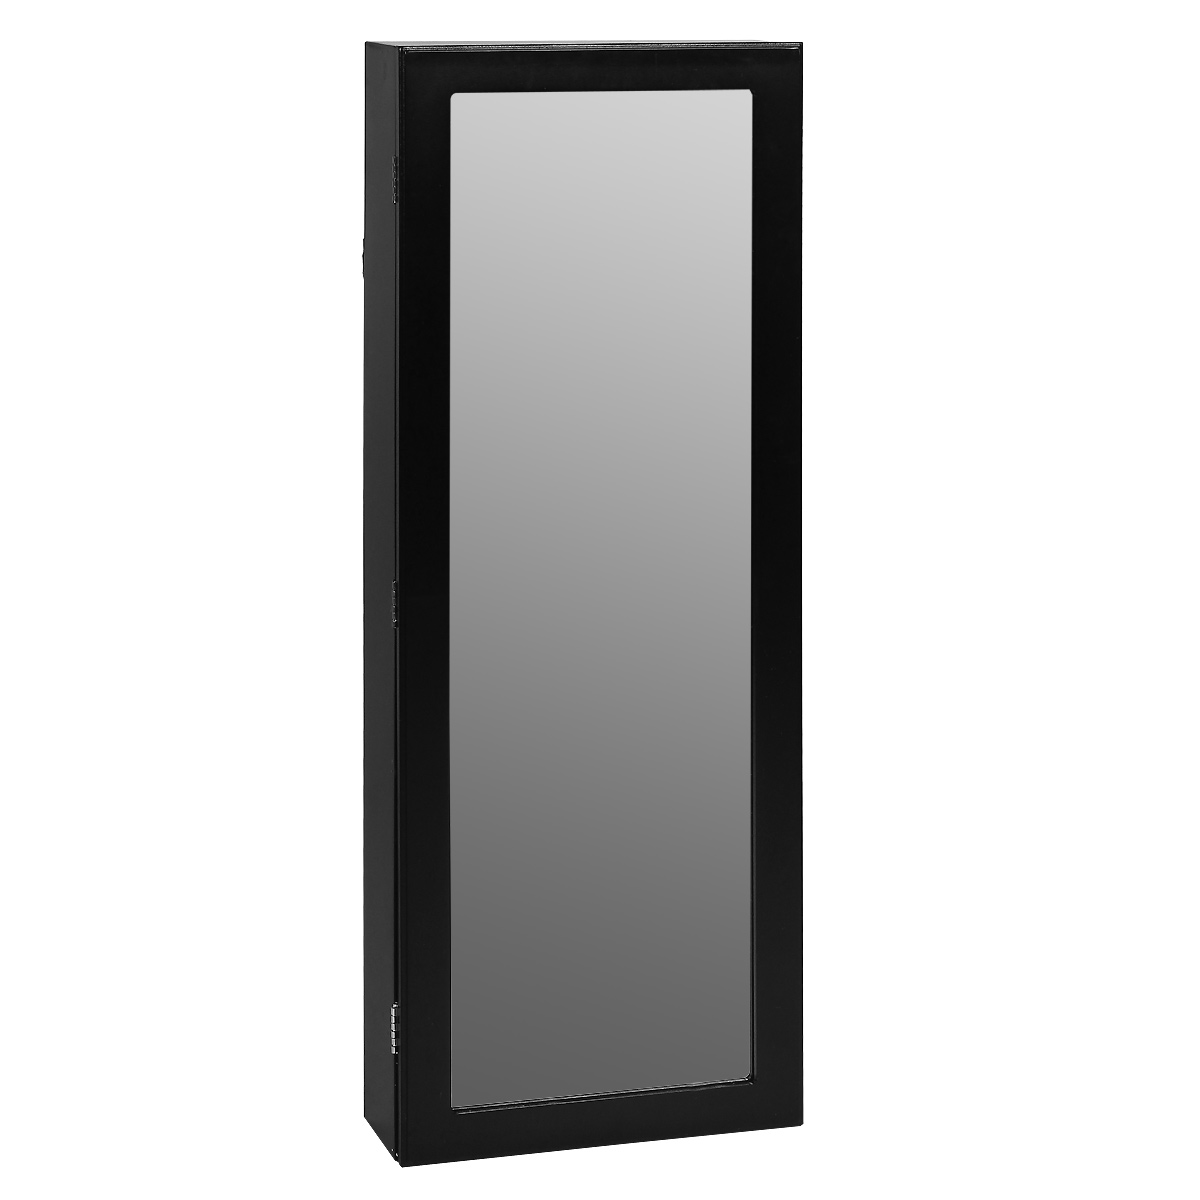 Зеркало-шкаф Bradex Тайник, цвет: черный, 10,5 х 36,8 х 101,5 см36.43.00Тайник - это одновременно и шкаф для бижутерии, и зеркало. Подходящее по габаритам для практически любого помещения, зеркало-шкаф поможет Вам красиво уложить Ваши сокровища, при этом Вы не будете терять украшения и всегда будете иметь весь ассортимент под рукой. Внутри шкафа находится множество крючков. На дверце расположено зеркало, которое украсит Вашу комнату и зрительно увеличит ее.Зеркало-шкаф удобно крепится на стене с помощью входящих в комплект шурупов и дюпелей.